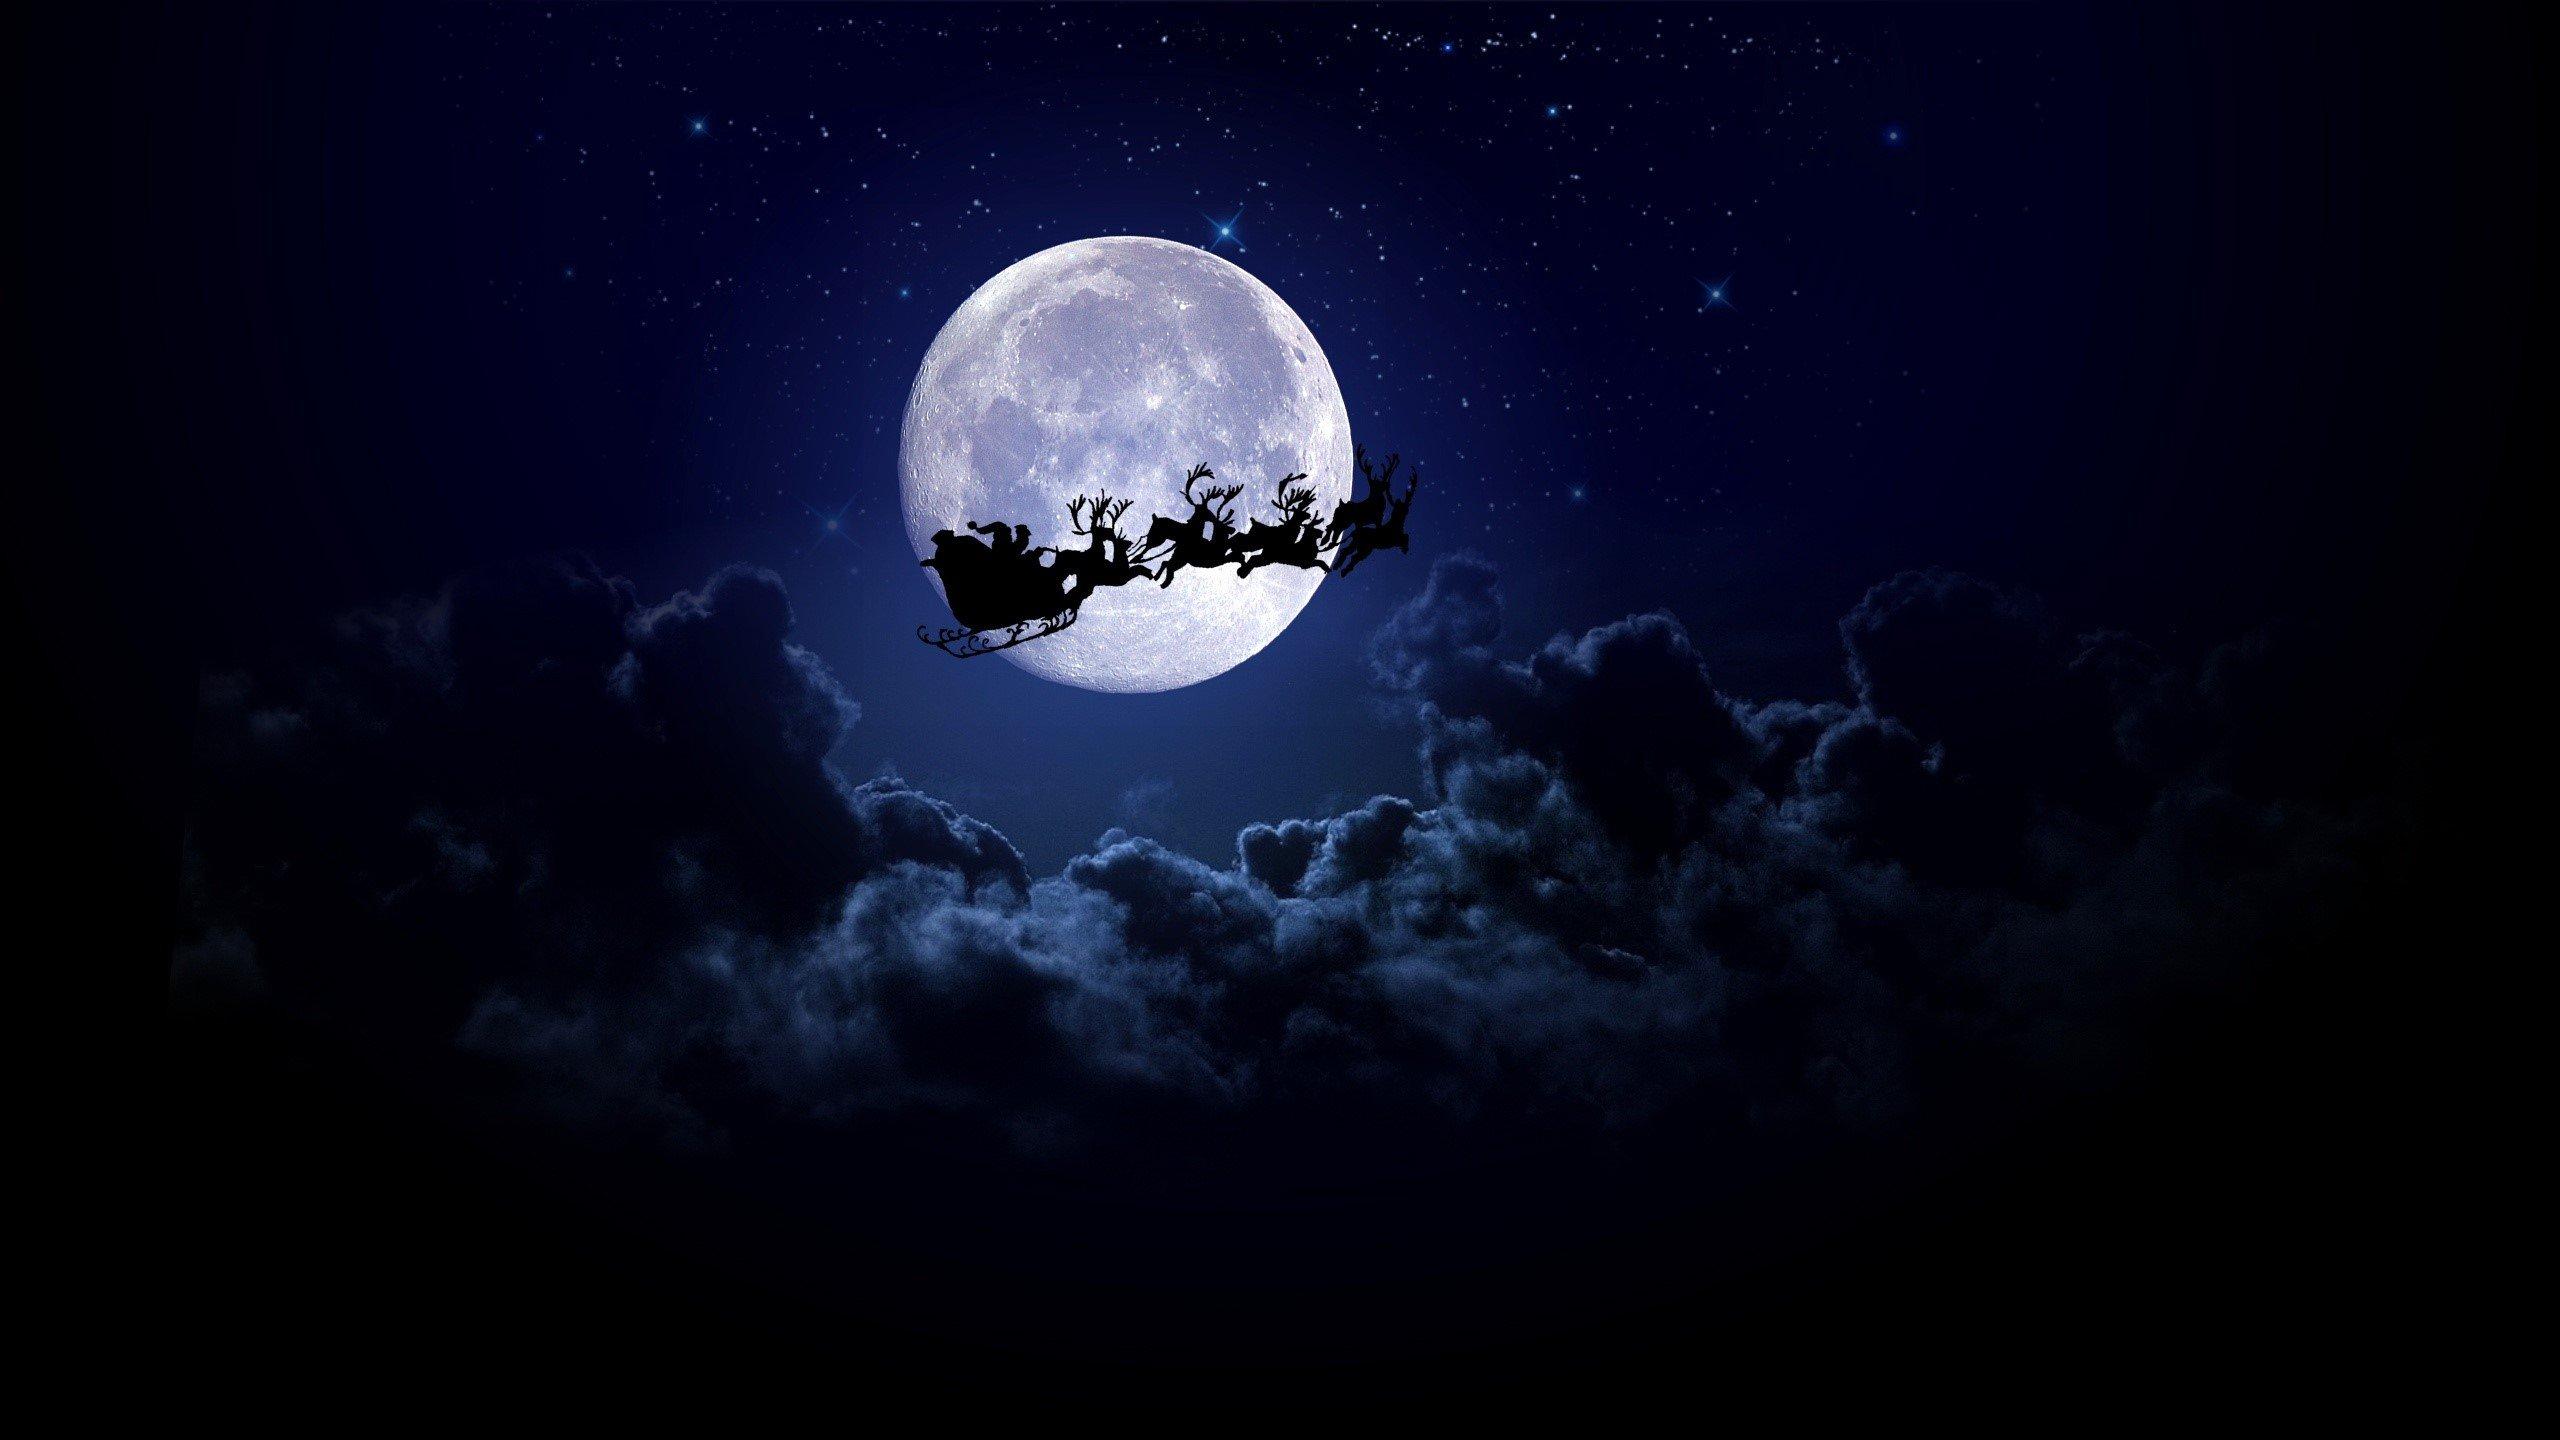 Fondo De Pantalla 3d De Navidad De Santa Vas De Luna Hd: Santa En La Luna Fondos De Pantalla 2560x1440 #54